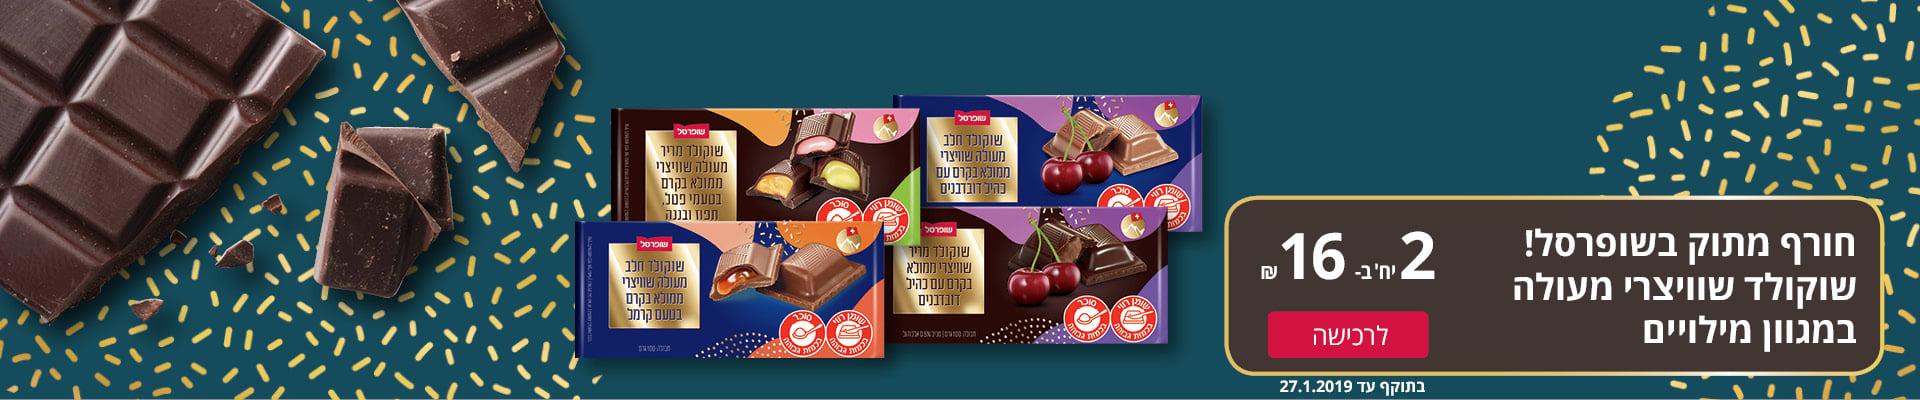 חורף מתוק בשופרסל! שוקולד שוויצרי מעולה במגוון מילויים